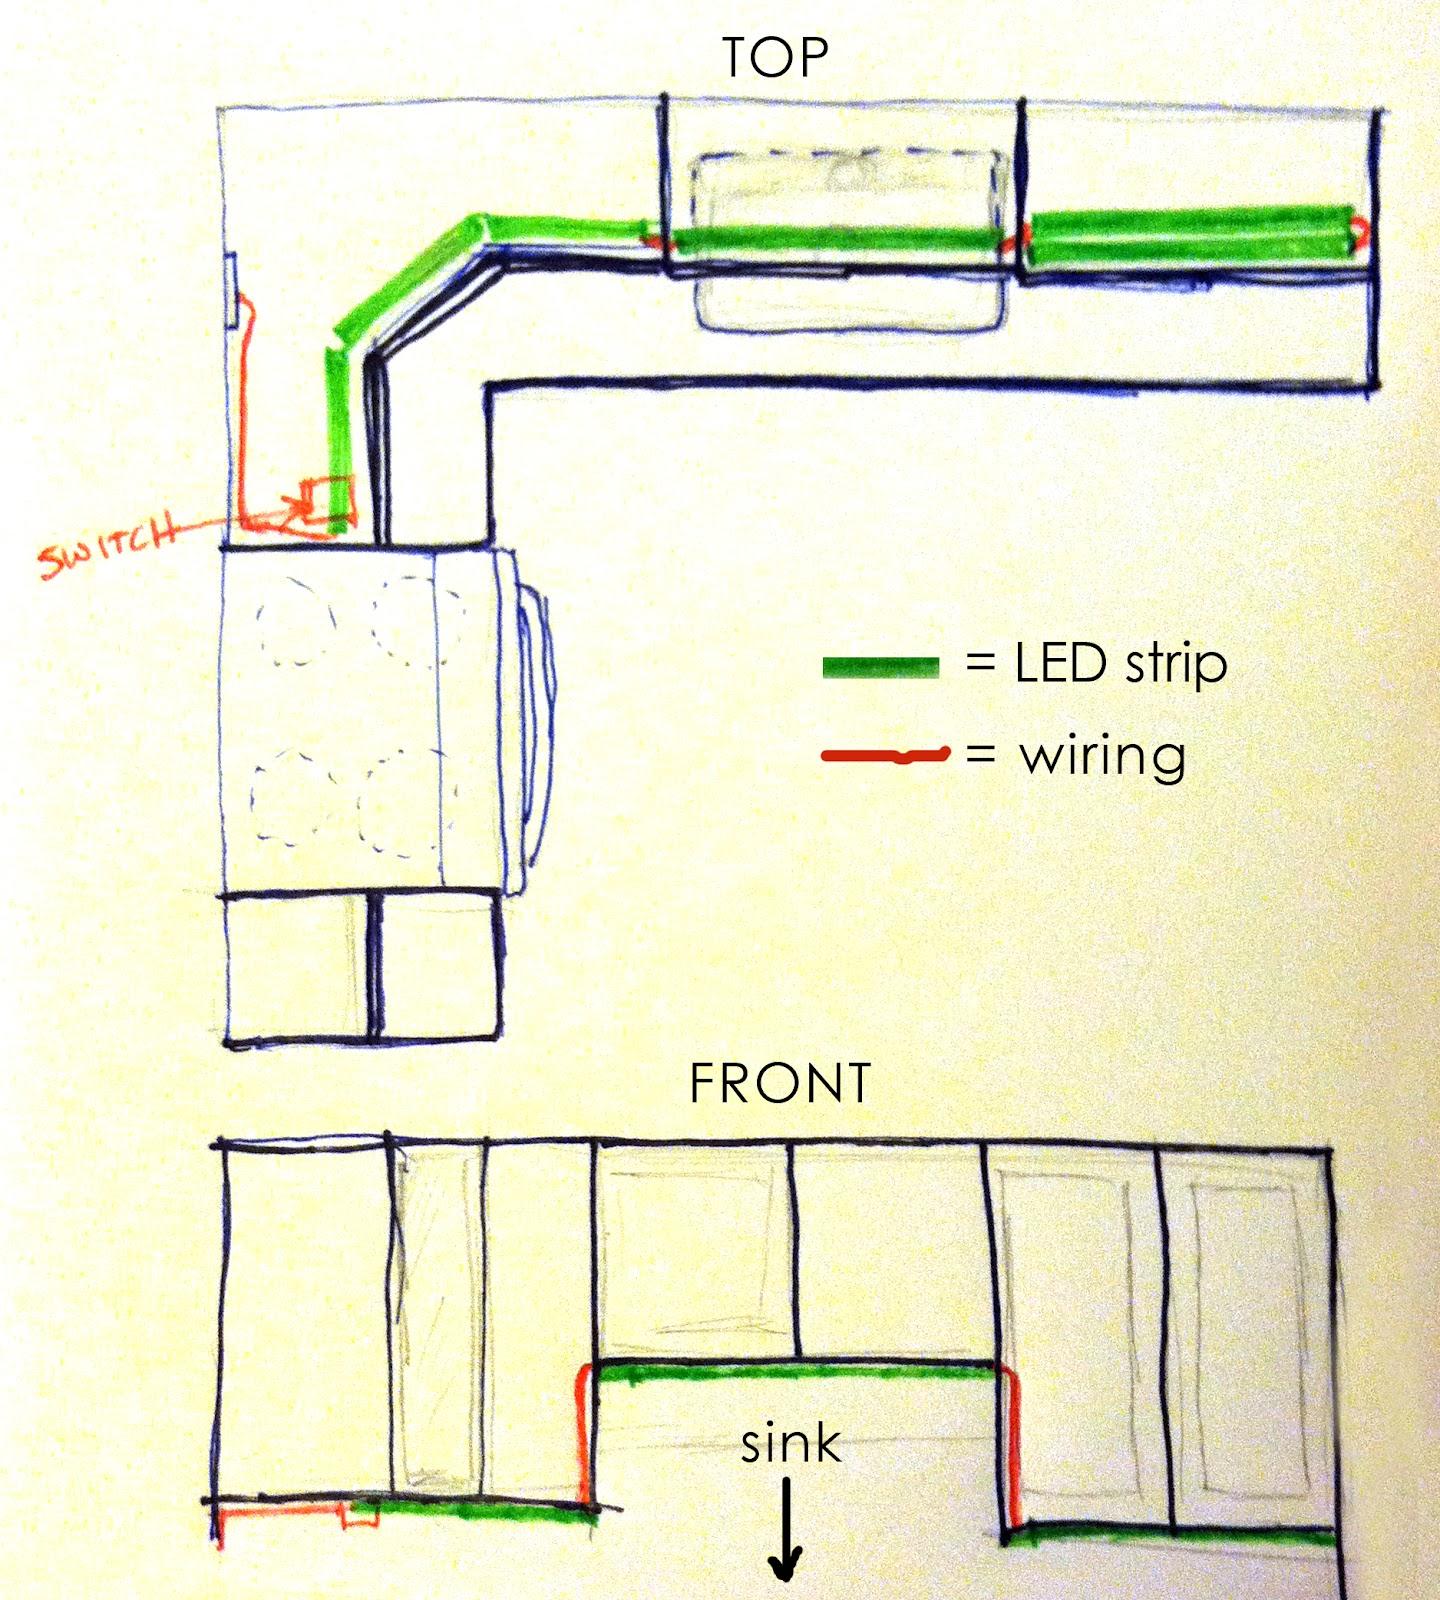 swingncocoa under cabinet lighting. Black Bedroom Furniture Sets. Home Design Ideas